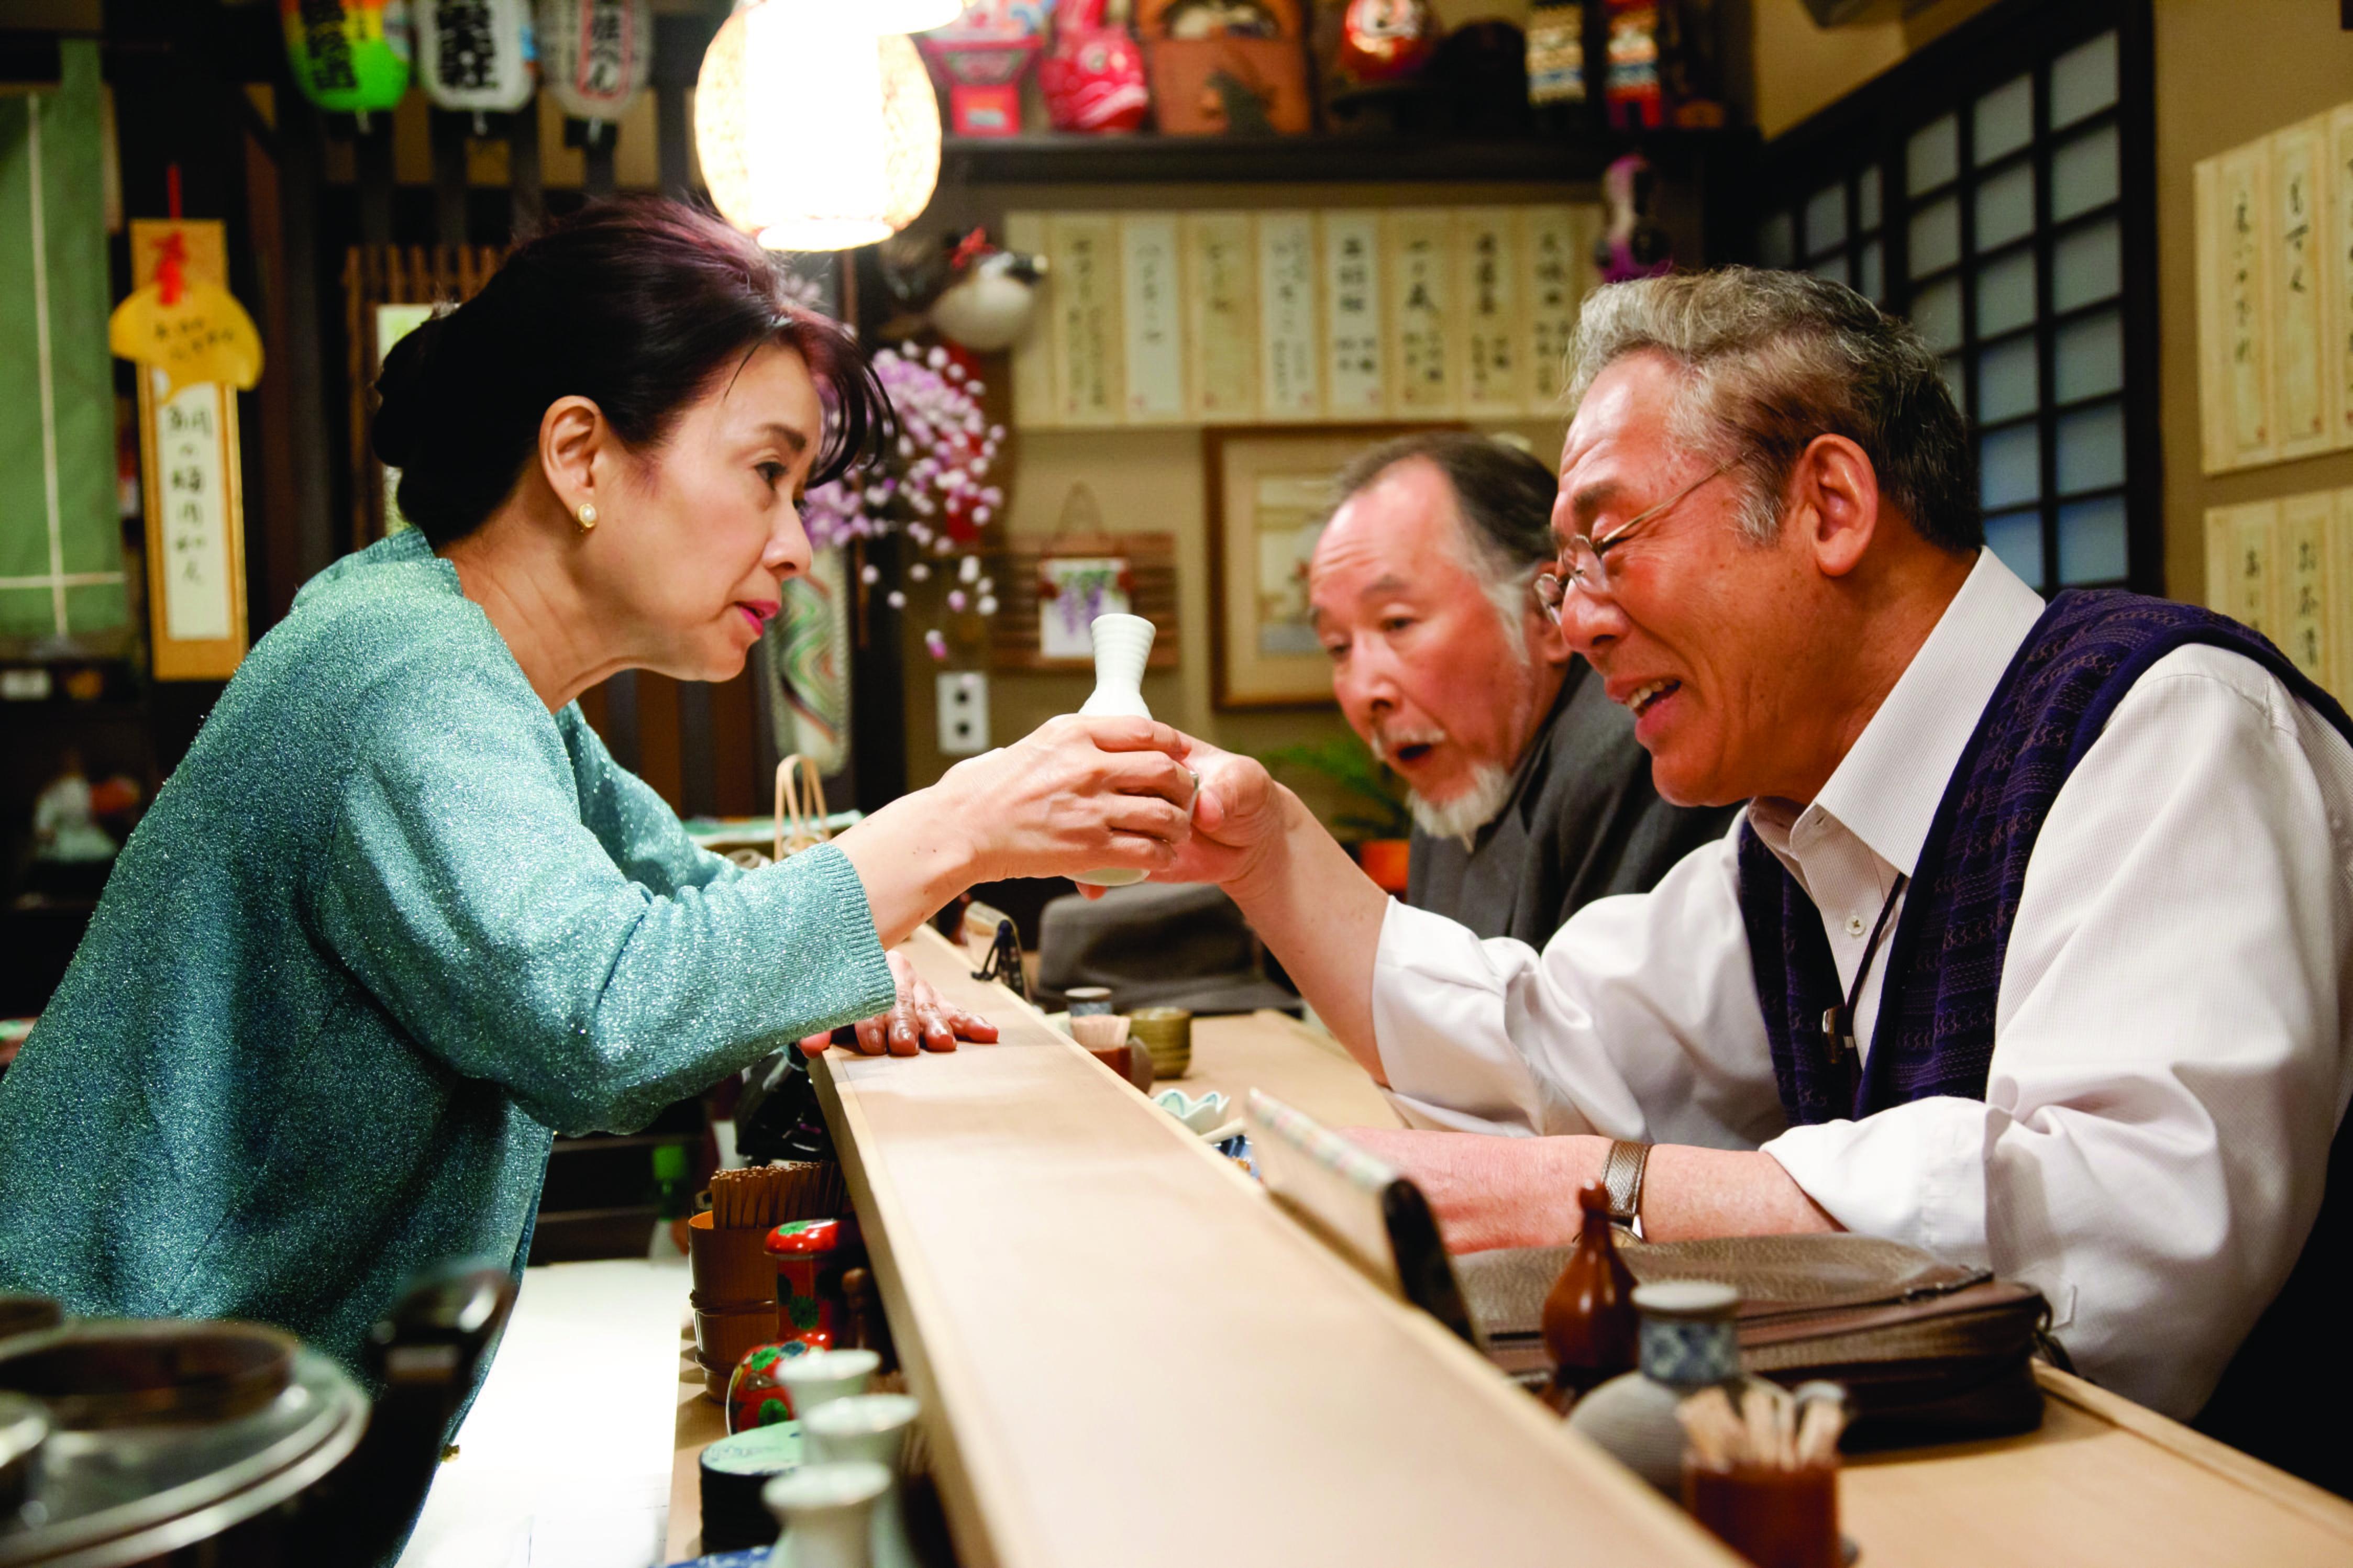 . Título:Una familia de Tokio (Tokyo kazoku), (Tokyo Family) Director:Yôji Yamada Guión:Yôji Yamada Reparto:Isao Hashizume,Etsuko Ichihara,Tomoko Nakajima,Yu Aoi,Yui Natsukawa,Satoshi Tsumabuki,Bunta Sugawara,Masahiko Nishimura,Shigeru Muroi,Shozo Hayashiya Duración:146 minutos Año:2013 País:Japón Música:Joe Hisaishi […]